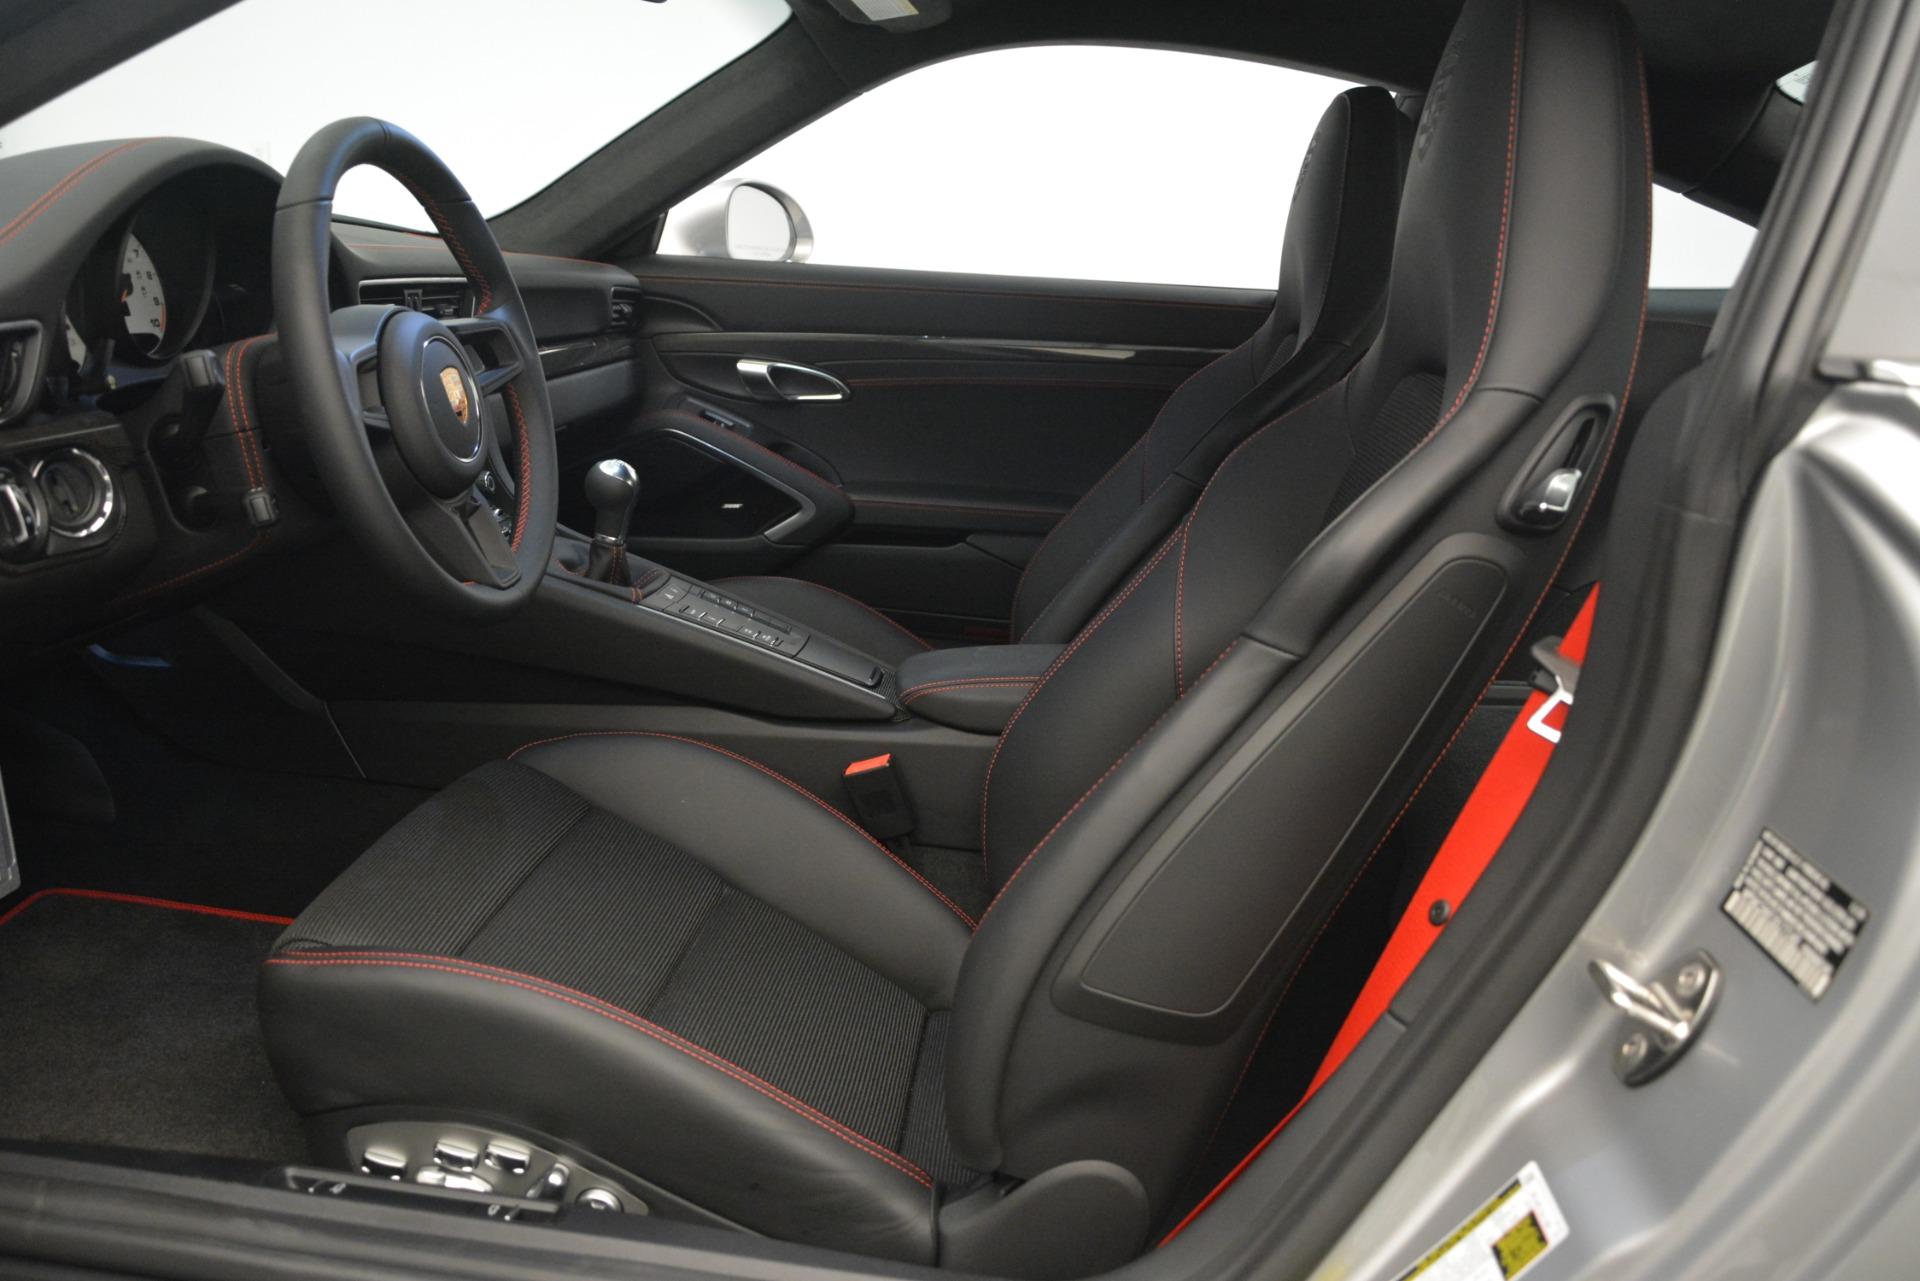 Used 2018 Porsche 911 GT3 For Sale In Westport, CT 3255_p14